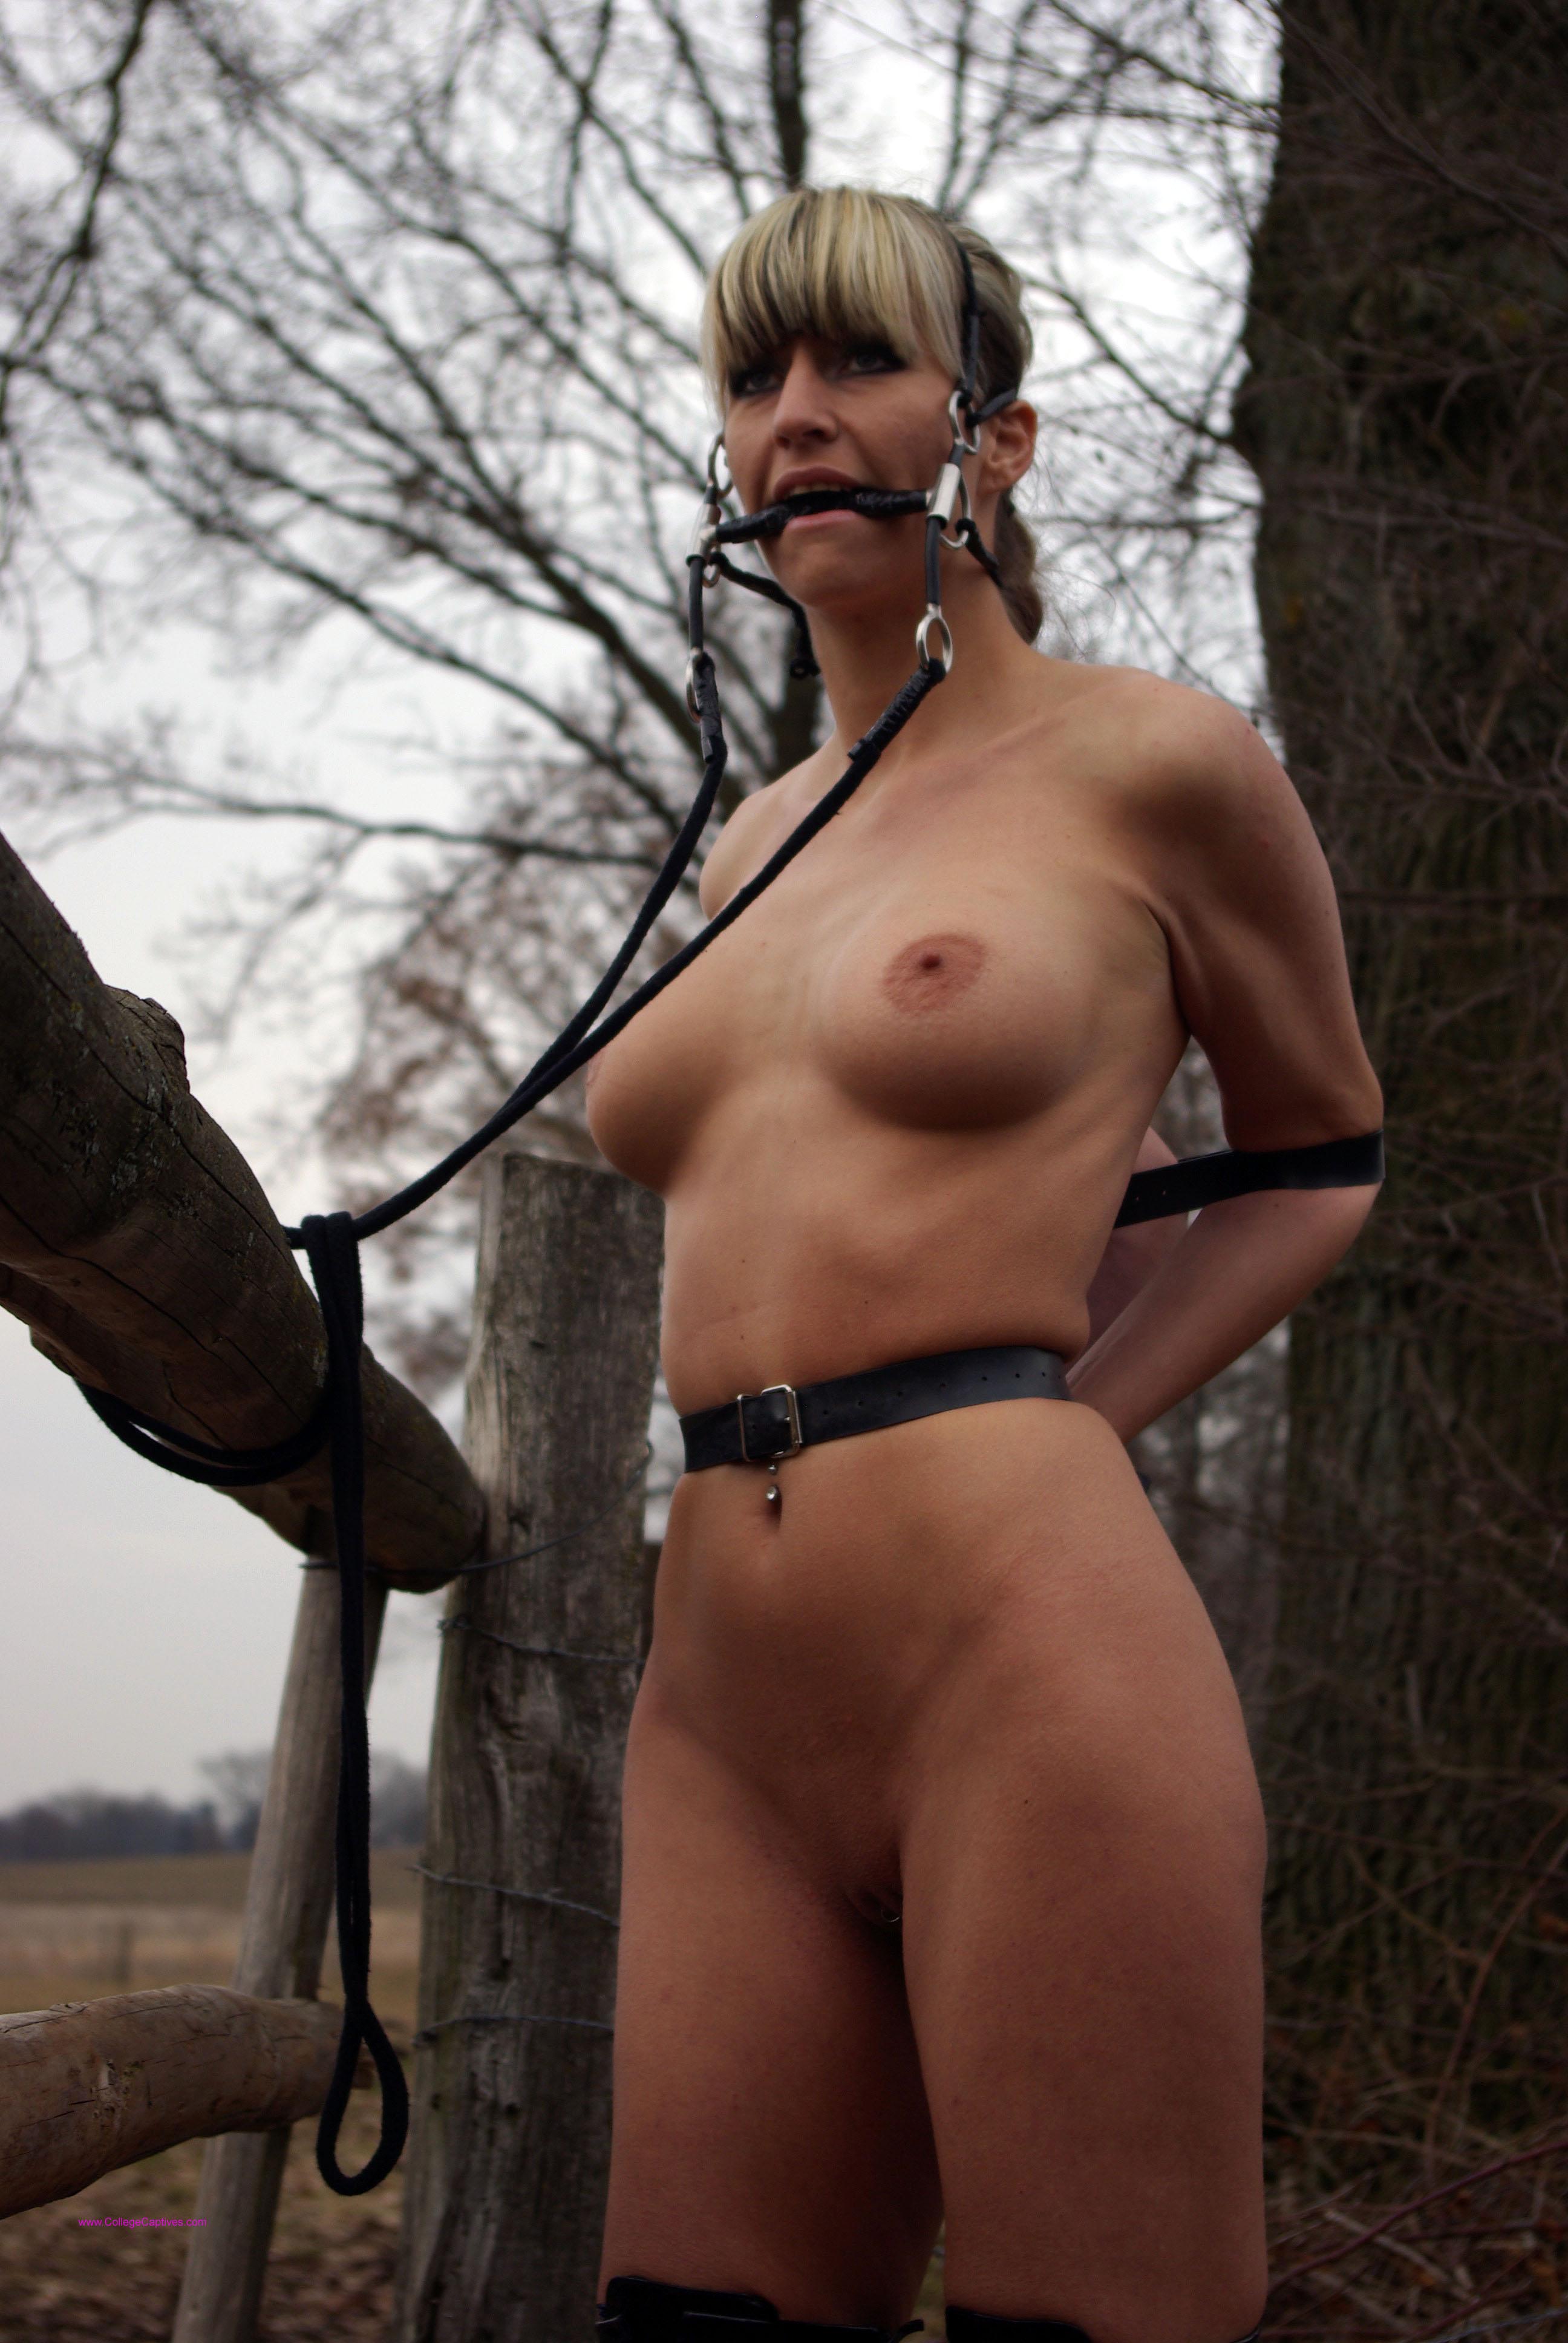 Рабыня в лесу 18 фотография